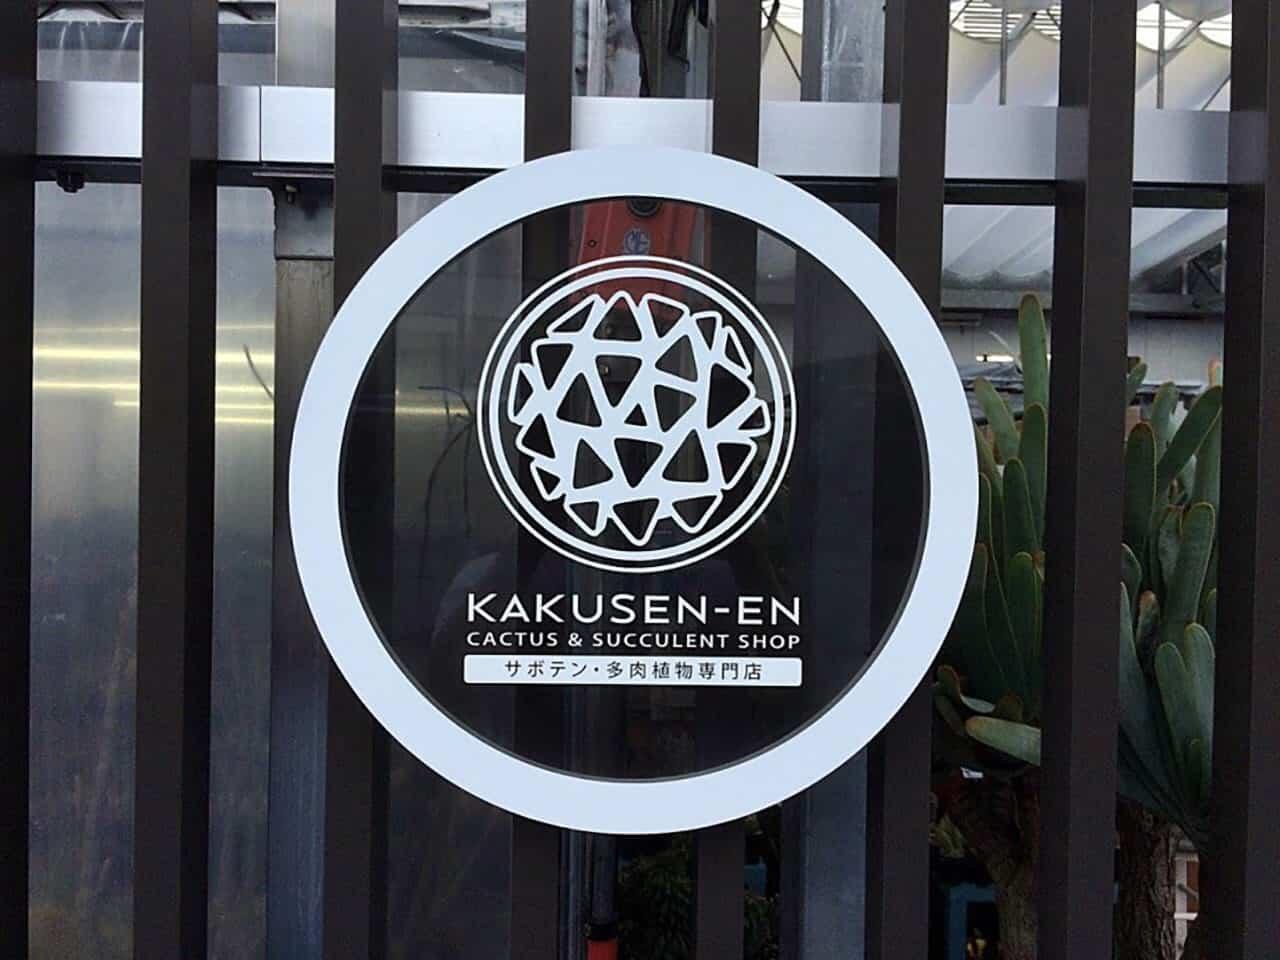 แคคตัสในญี่ปุ่น : คาคุเซ็นเอ็น (Kakusen-en) โตเกียว